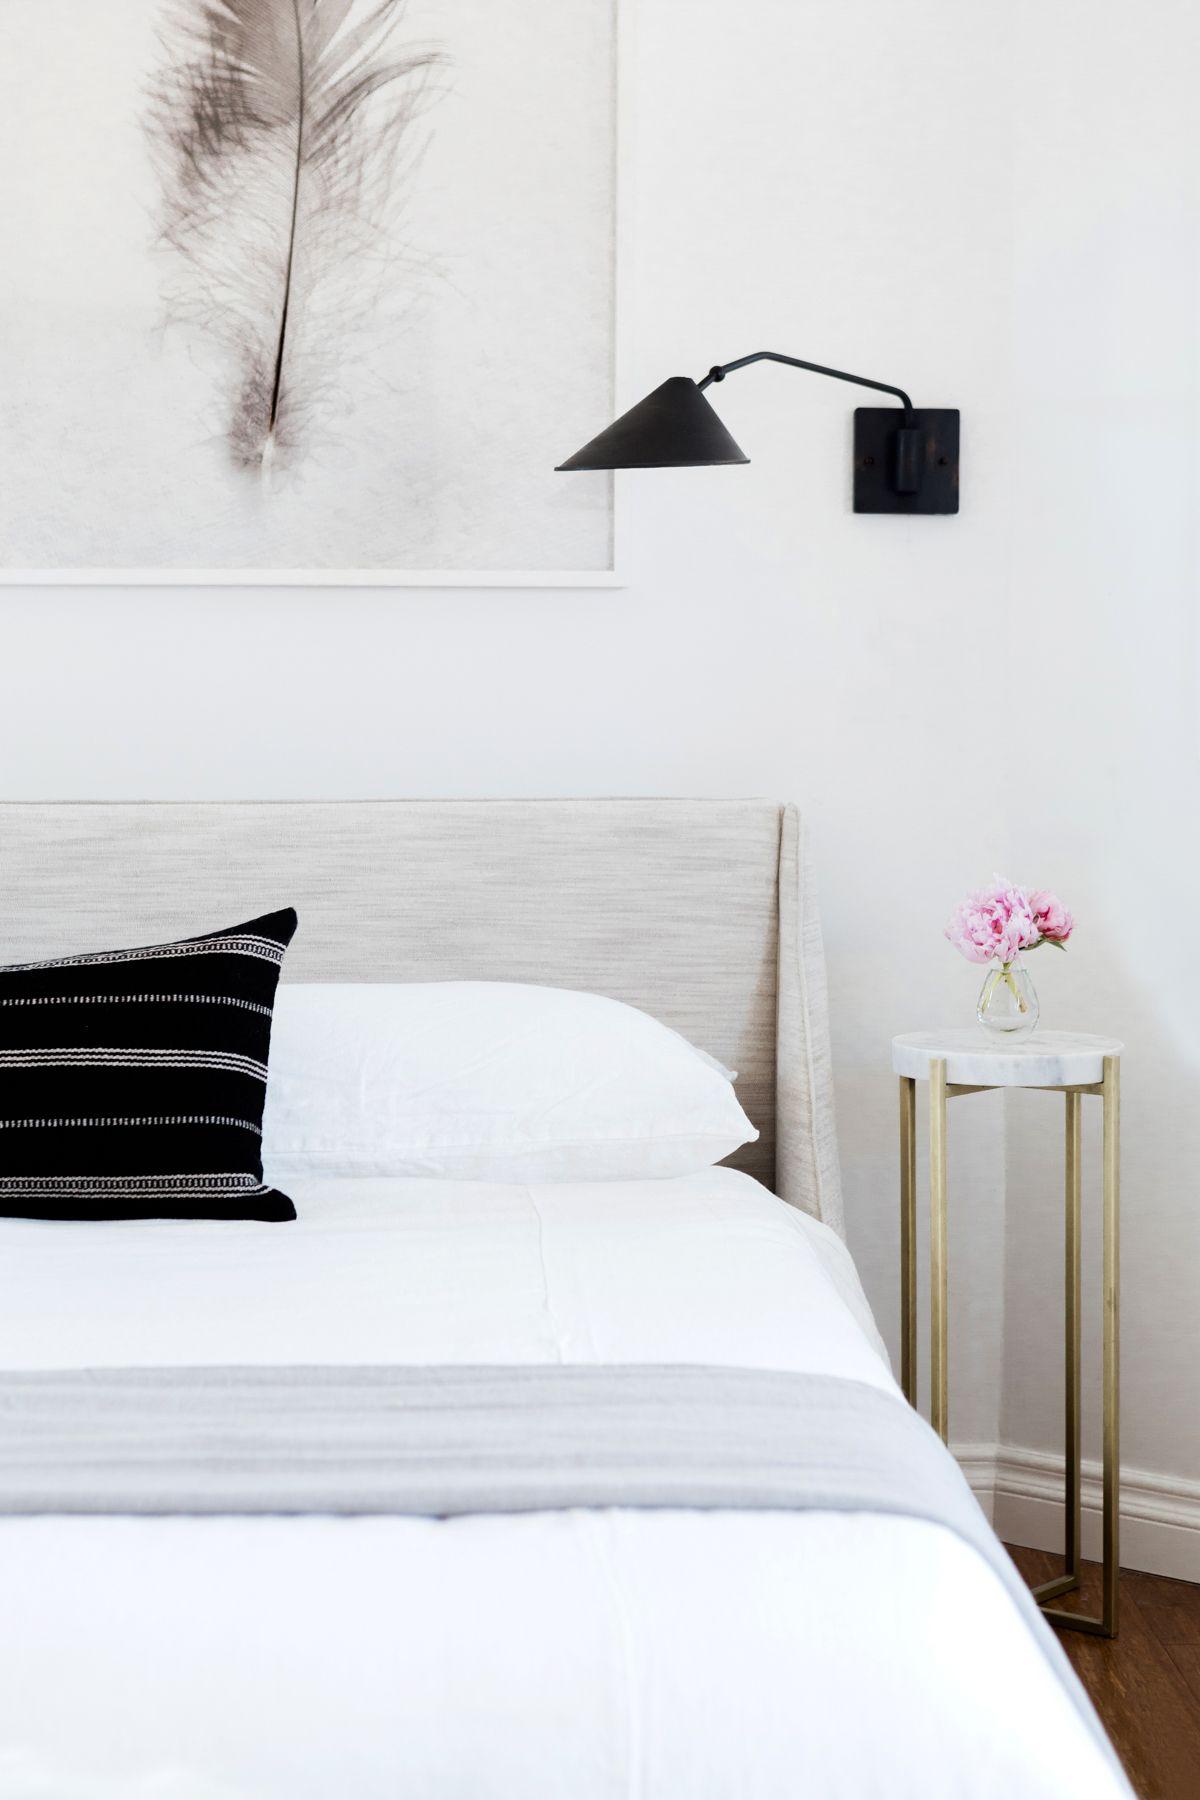 Romantisches schlafzimmer interieur master bedroom for sleepwear  modern  neutral